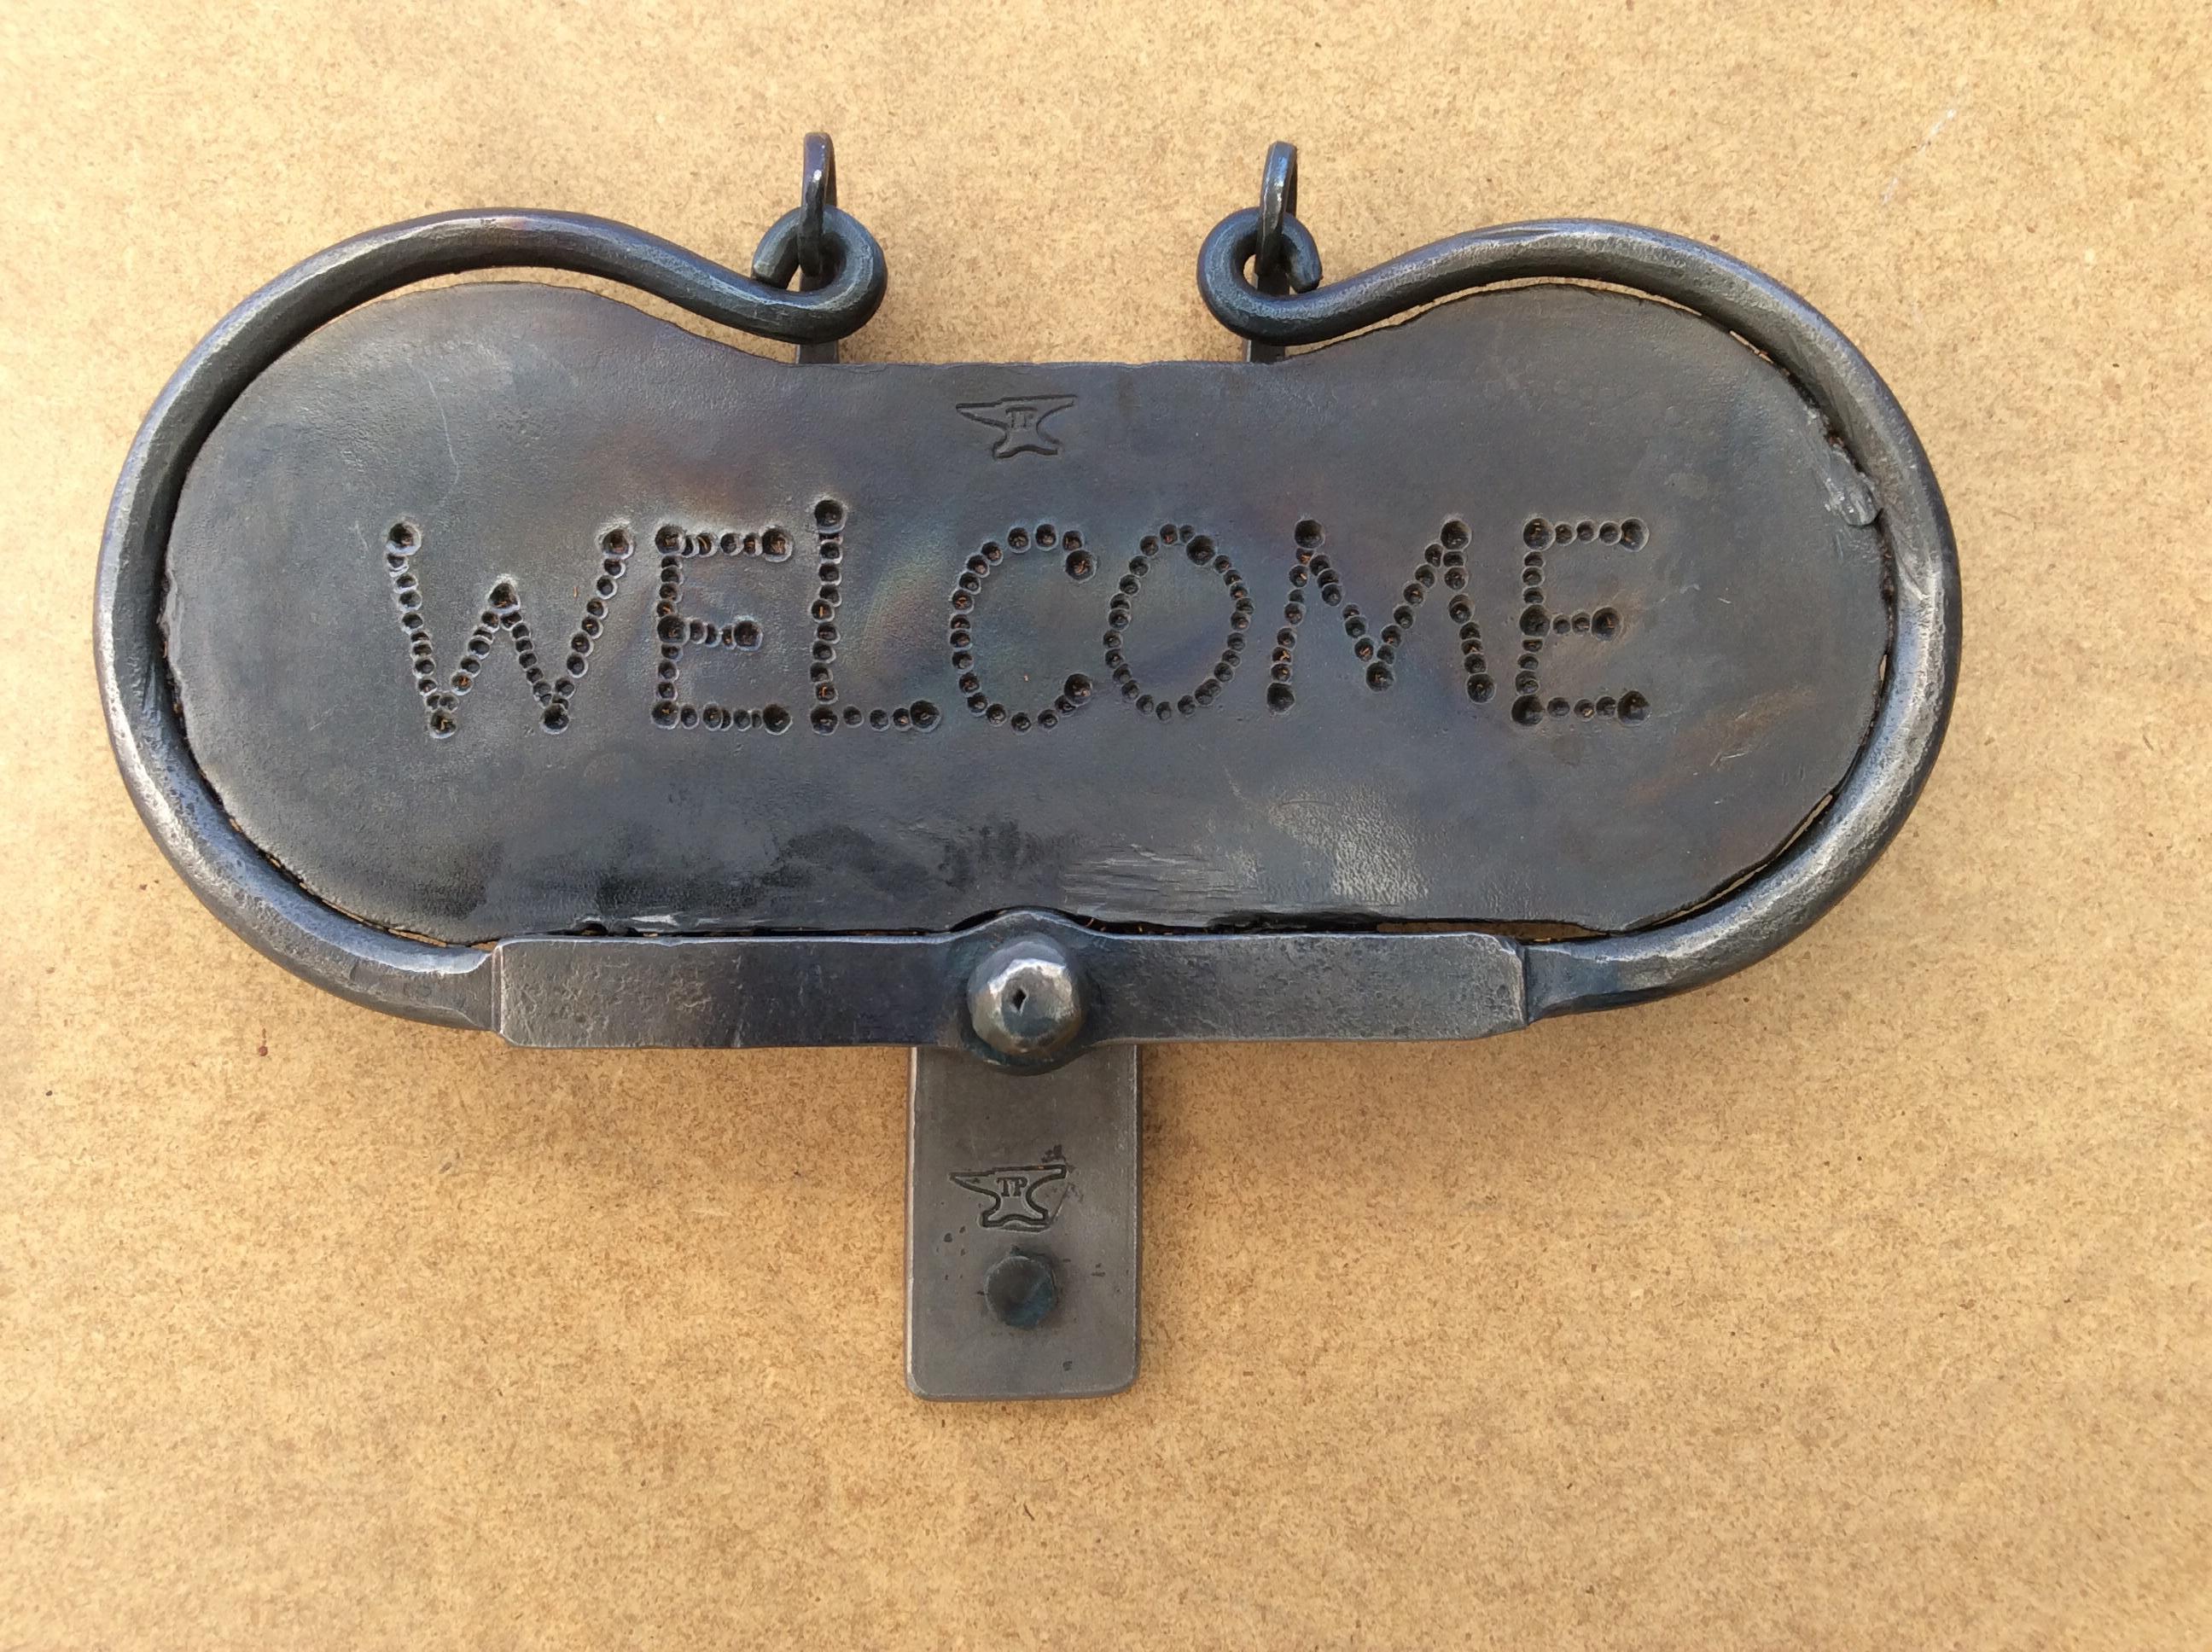 A welcome door knocker